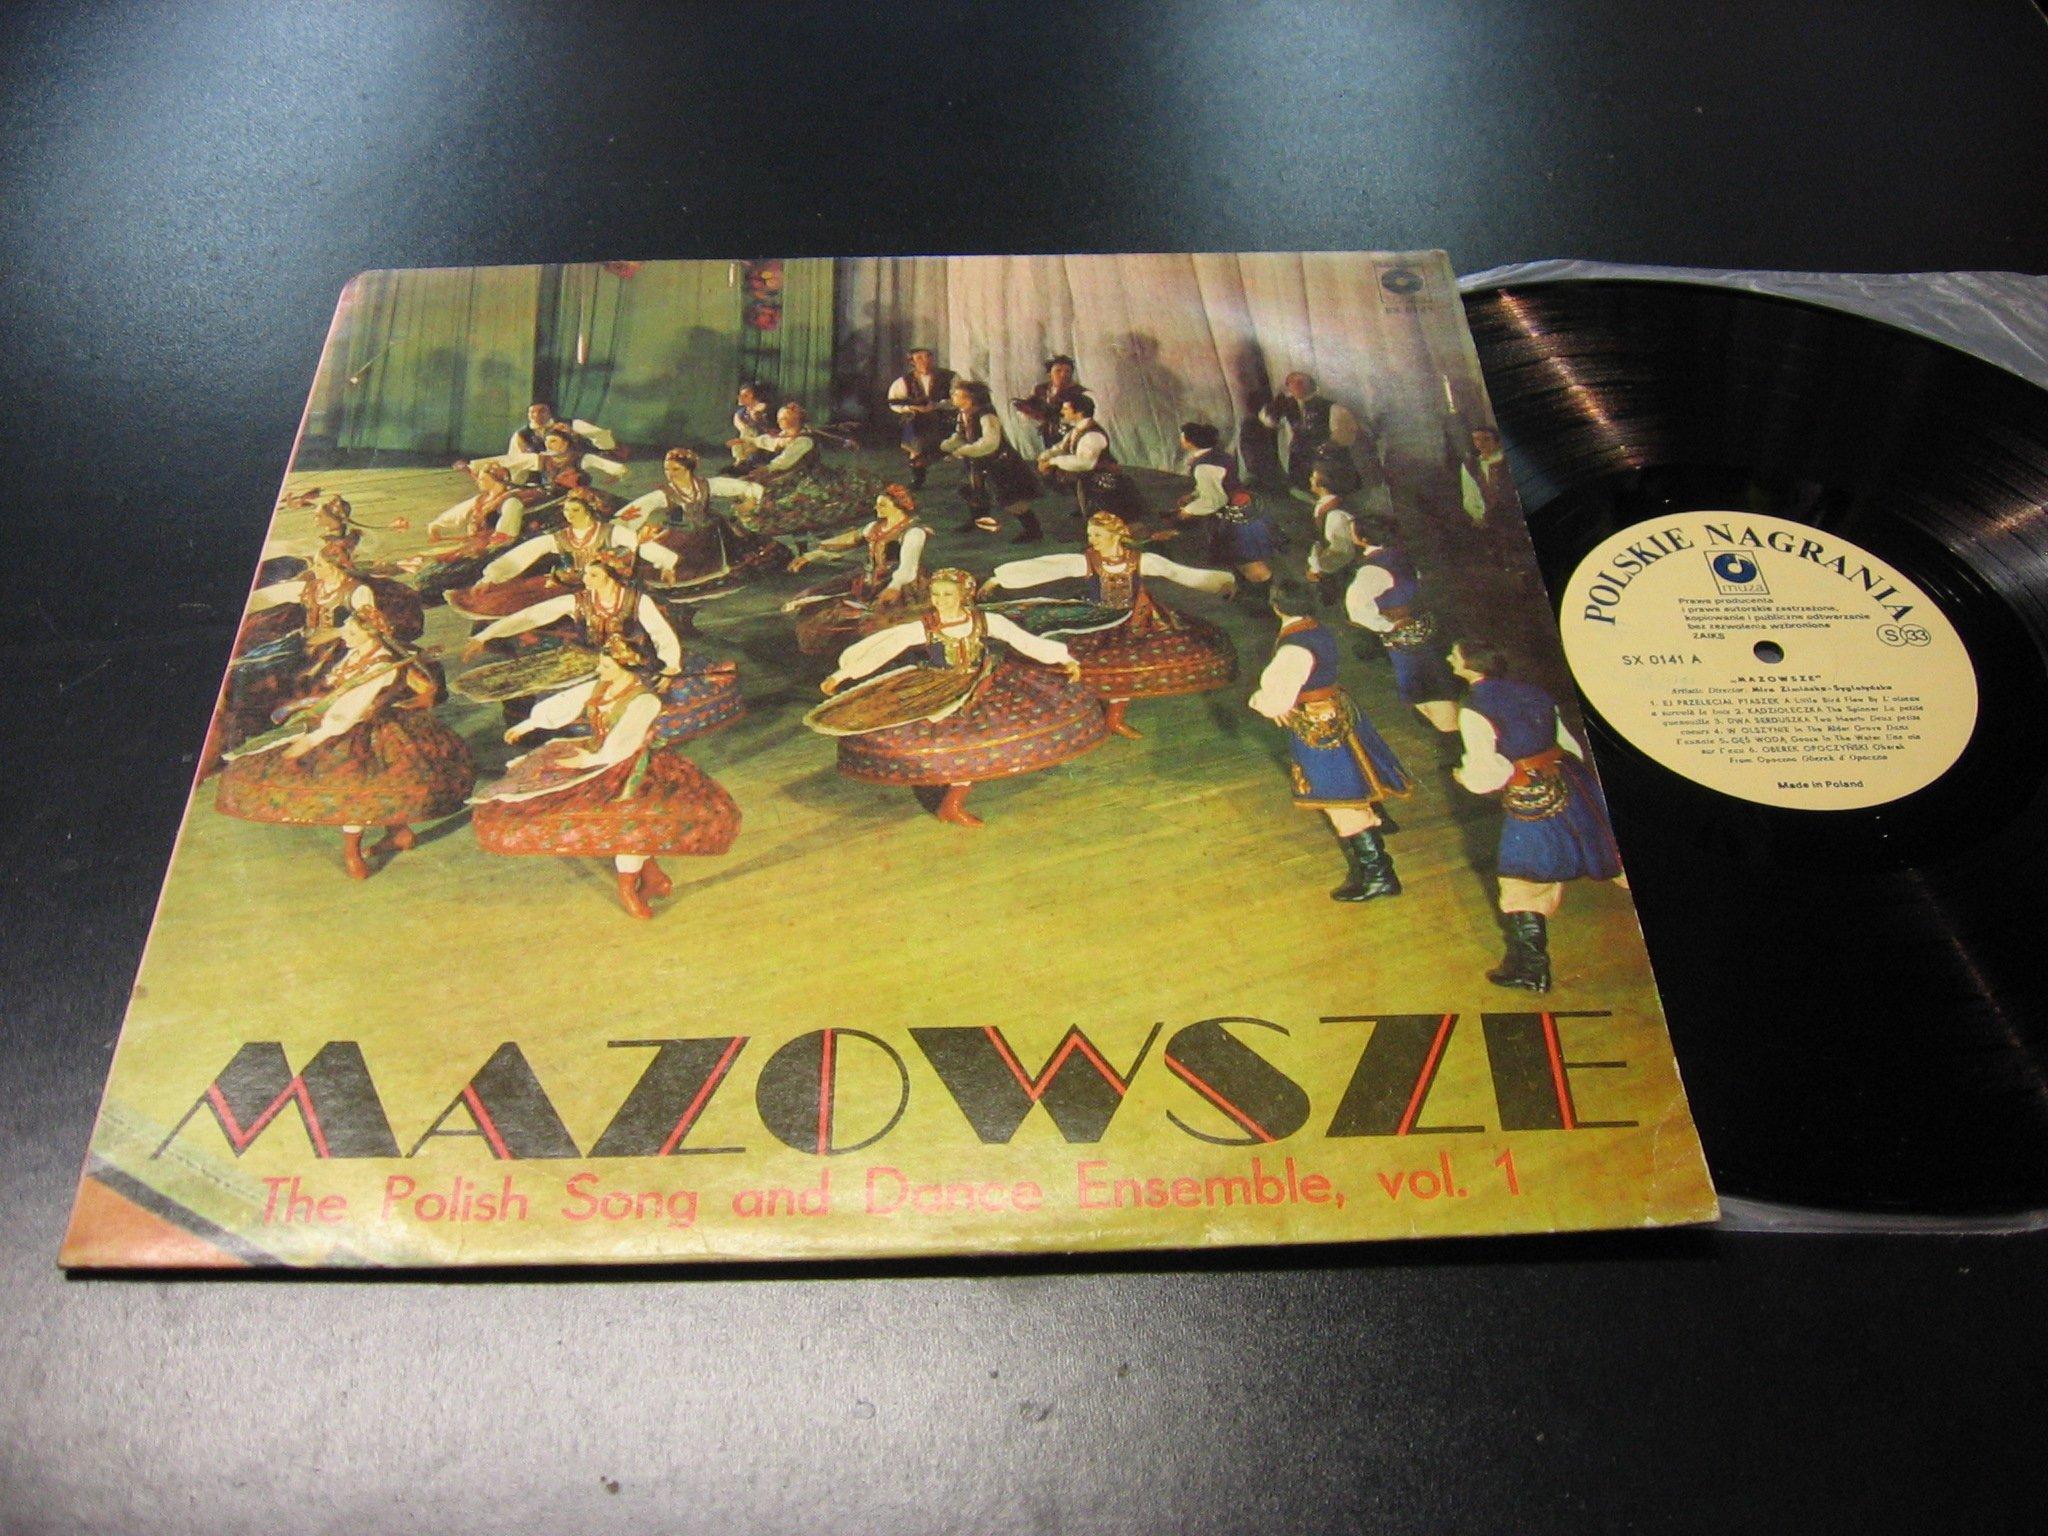 MAZOWSZE vol.1 - LP - Opole